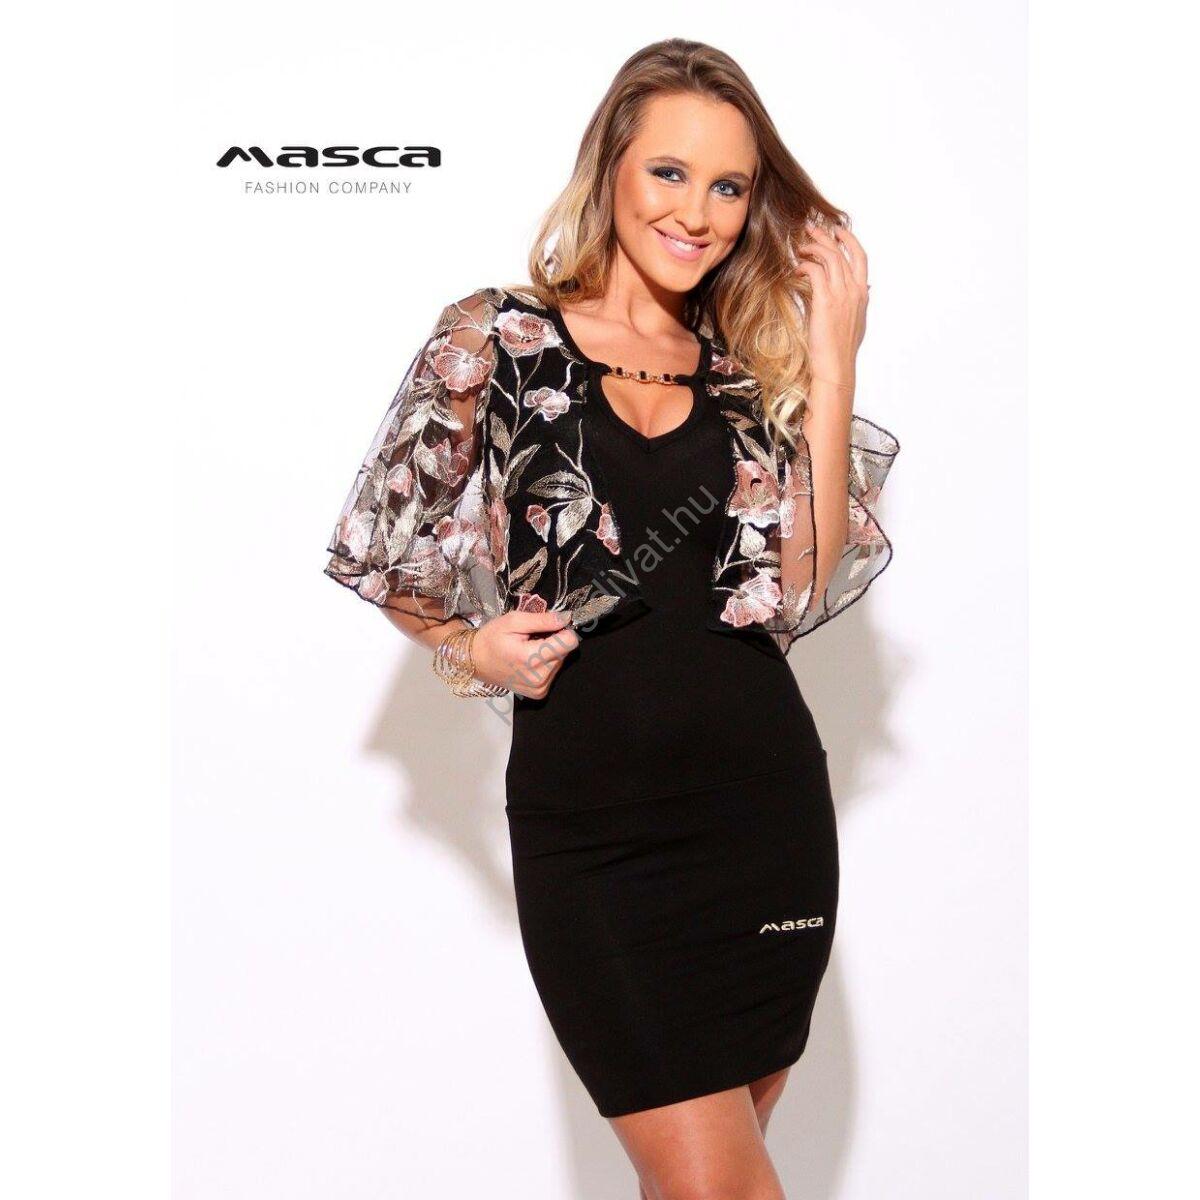 Kép 1 1 - Masca Fashion virágos hímzett tüll lepkeujjú fekete alkalmi ruha b407169b4d